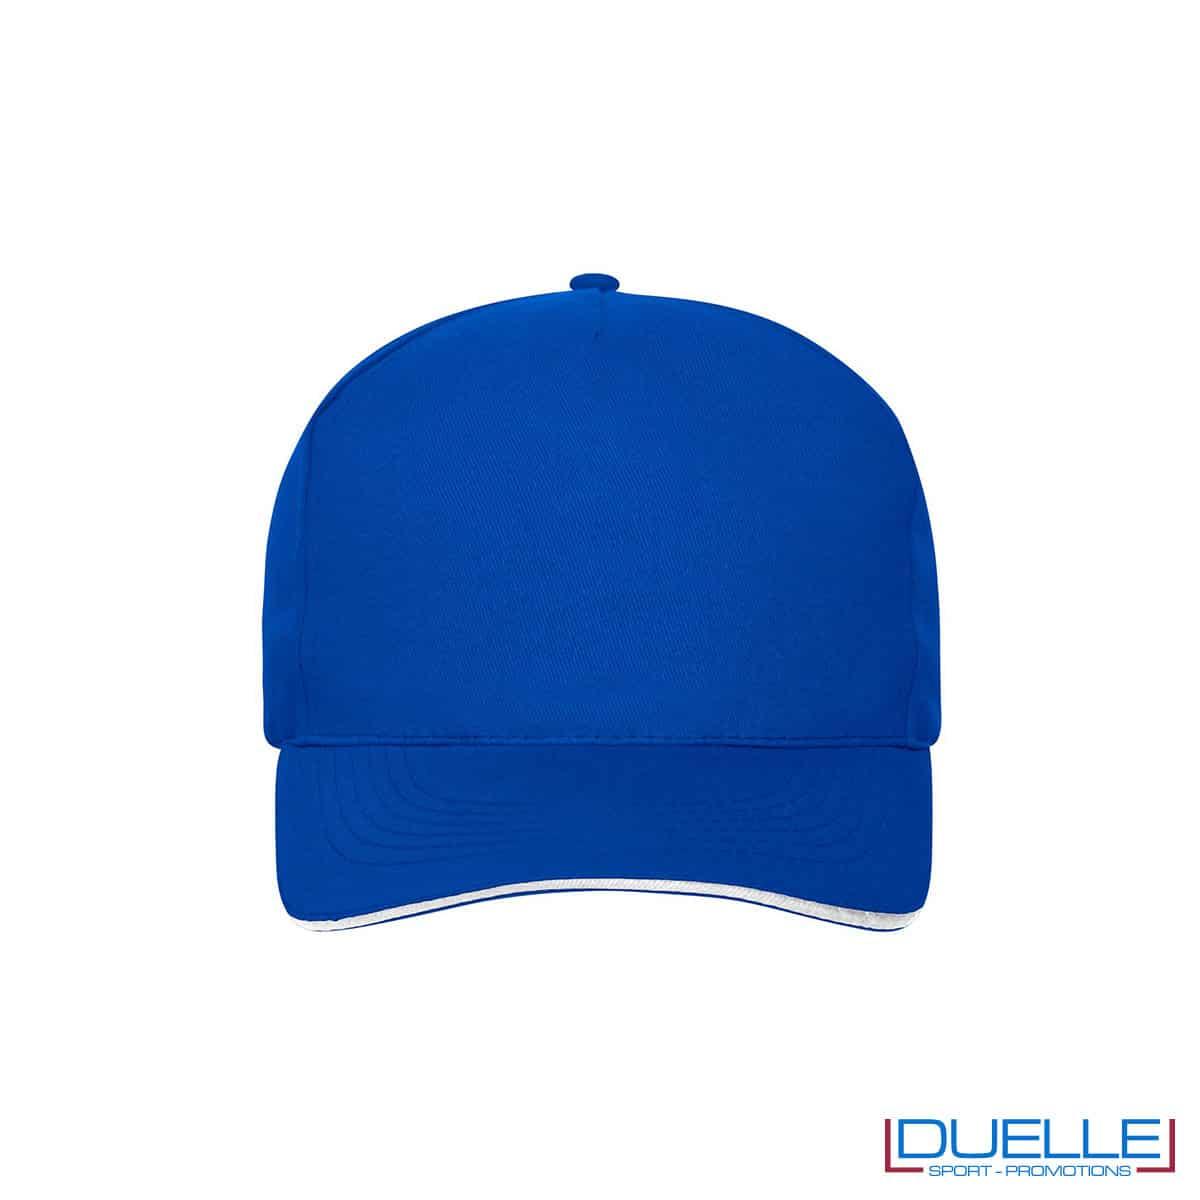 Cappello 100% cotone organico 5 pannelli colore blu royal personalizzato